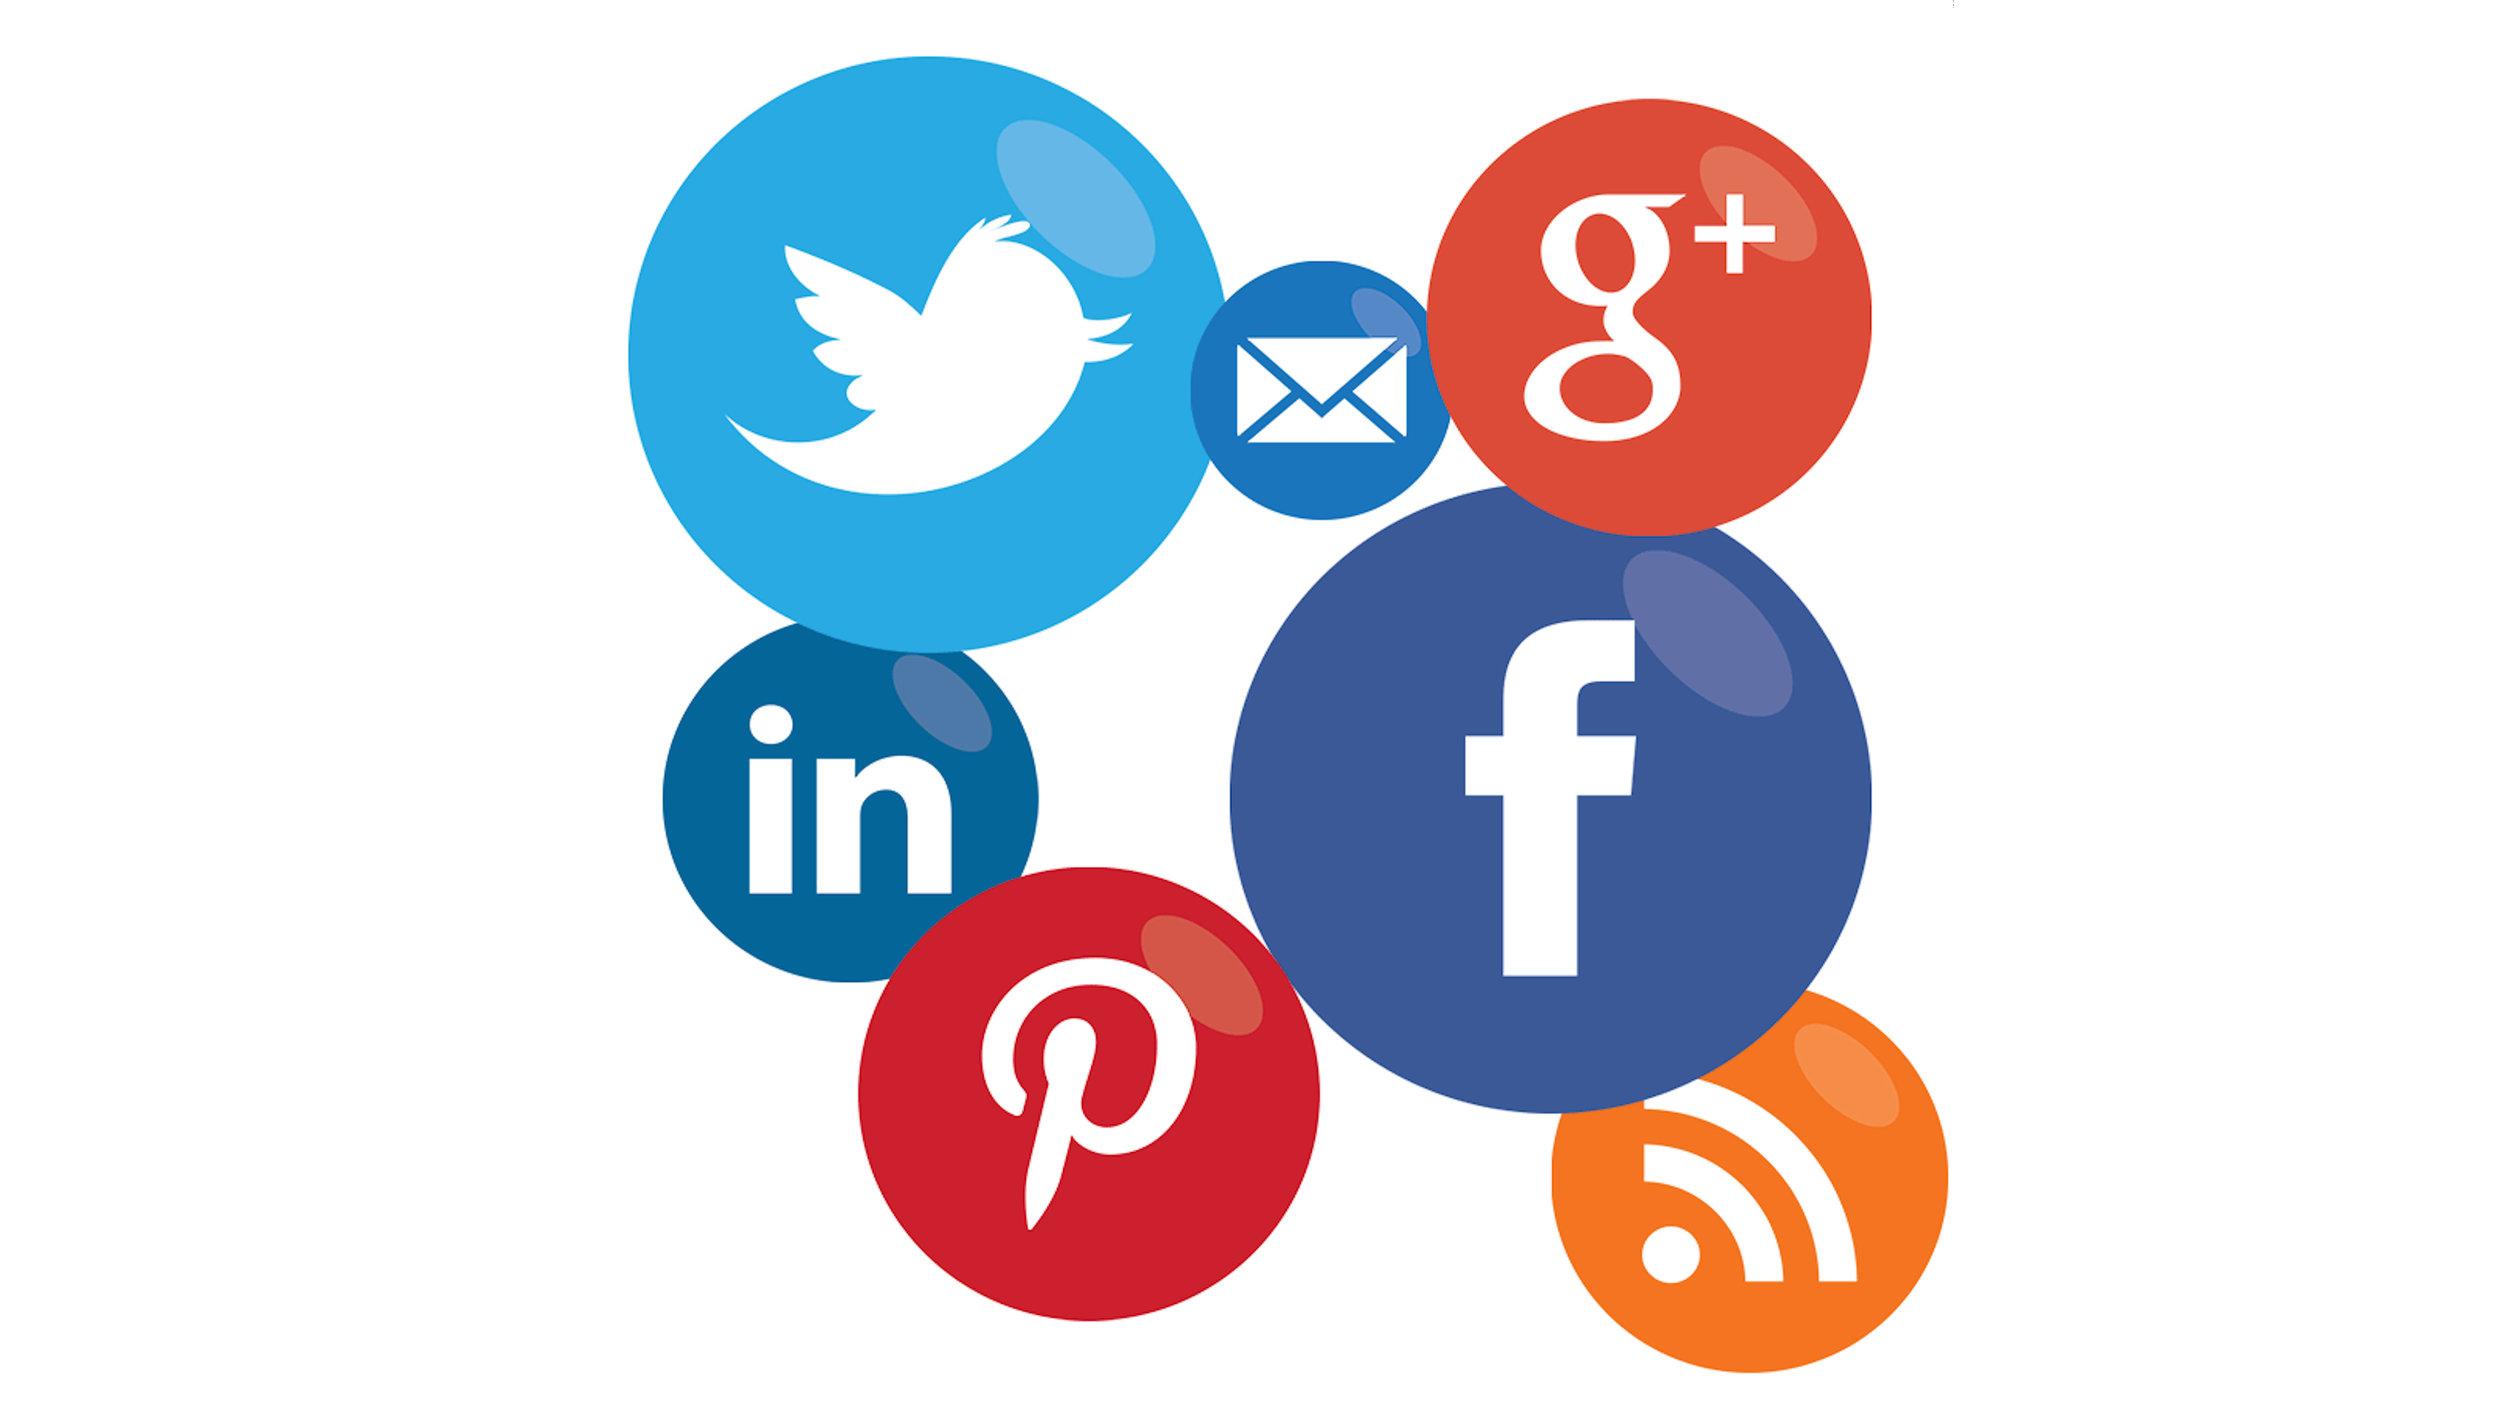 Social-Media-Icons.jpg